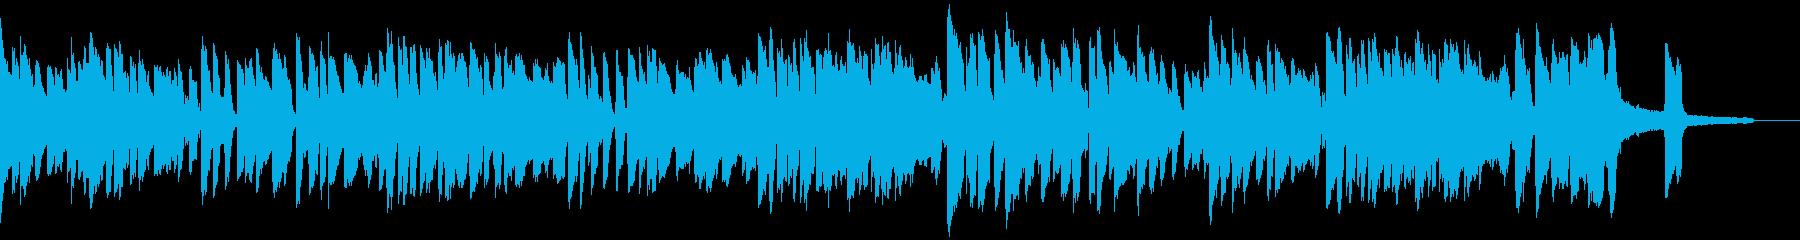 日常のお散歩 探索ラグタイムブルースギタの再生済みの波形